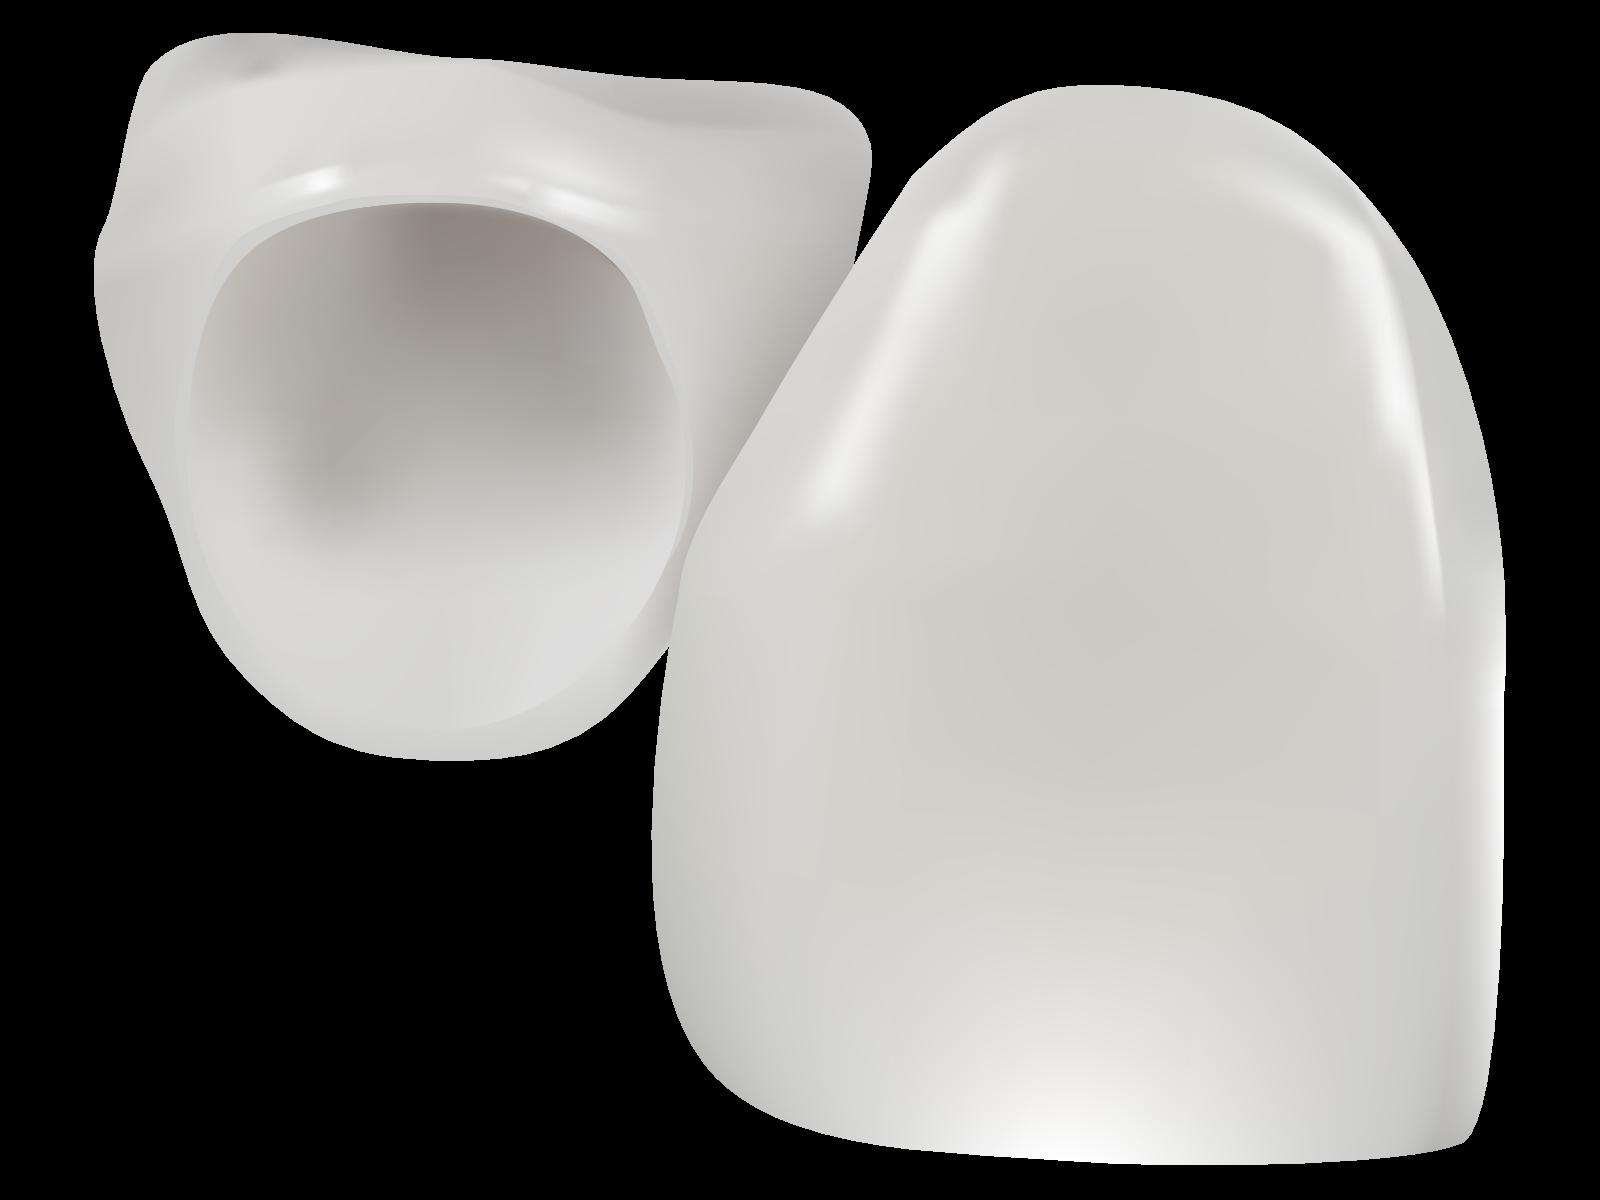 「審美歯科 画像」の画像検索結果